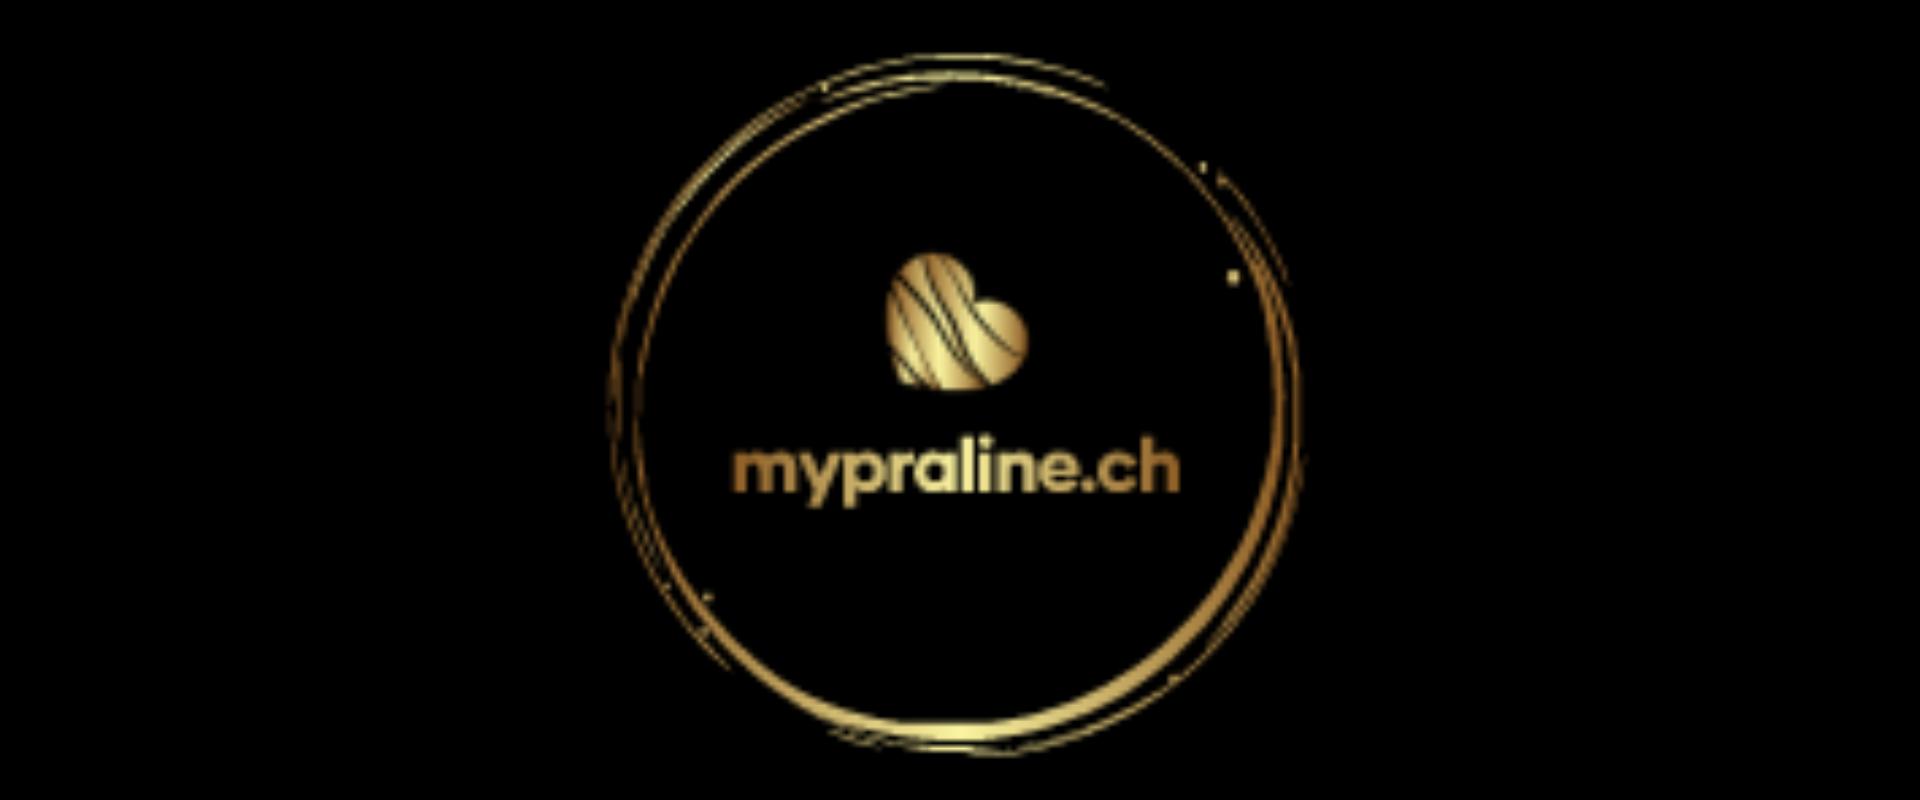 MyPraline